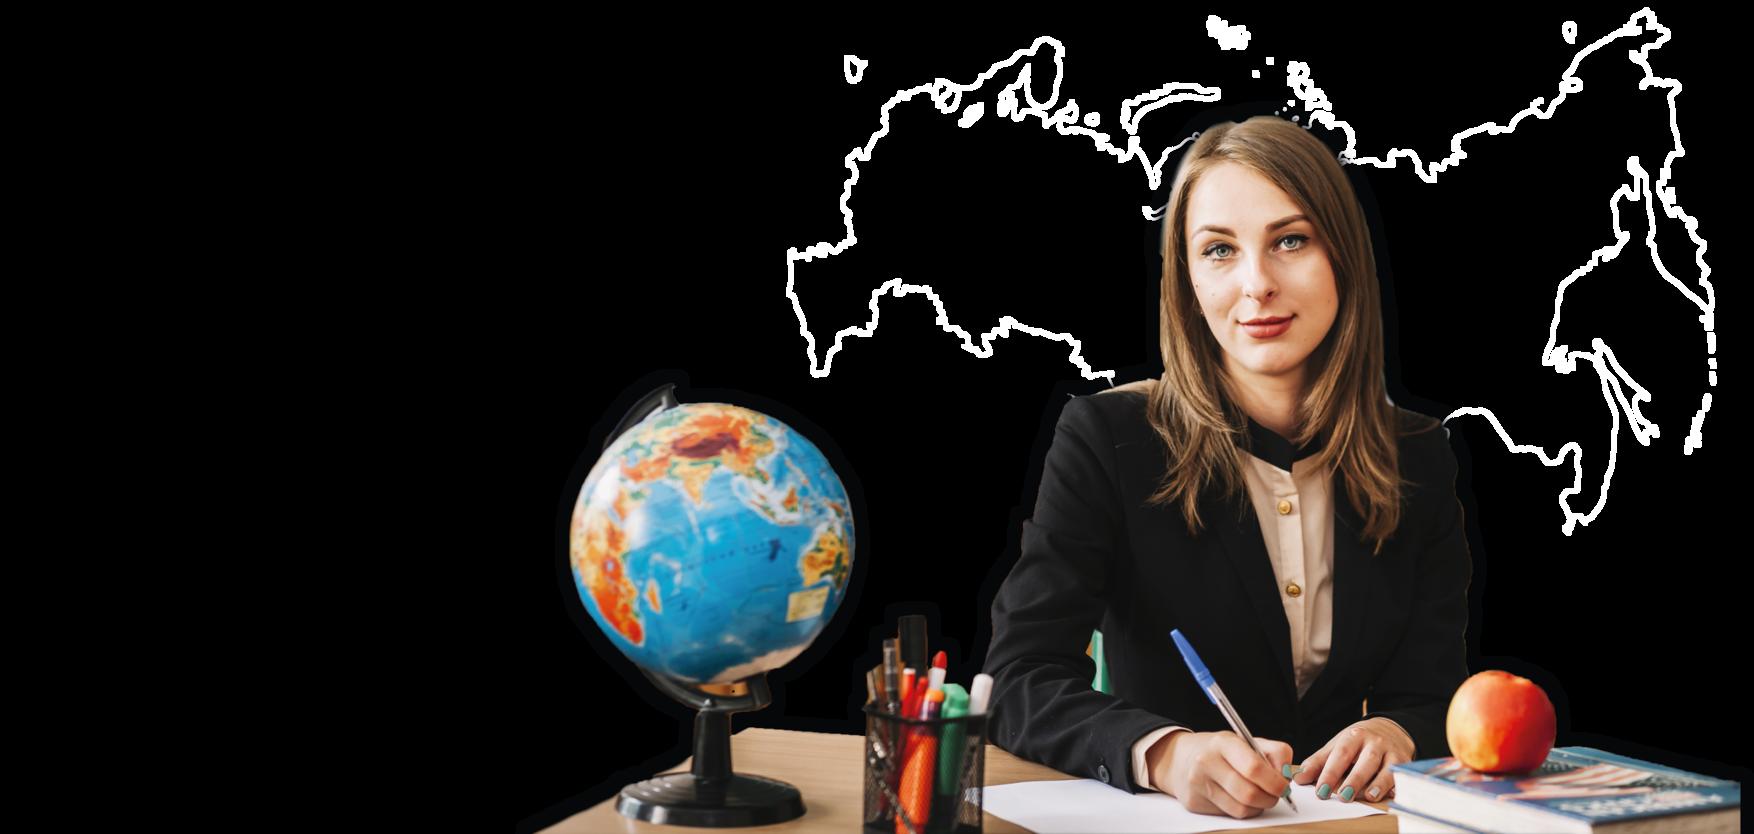 Репетиторы по географии для учеников 5-11 классов в СПб